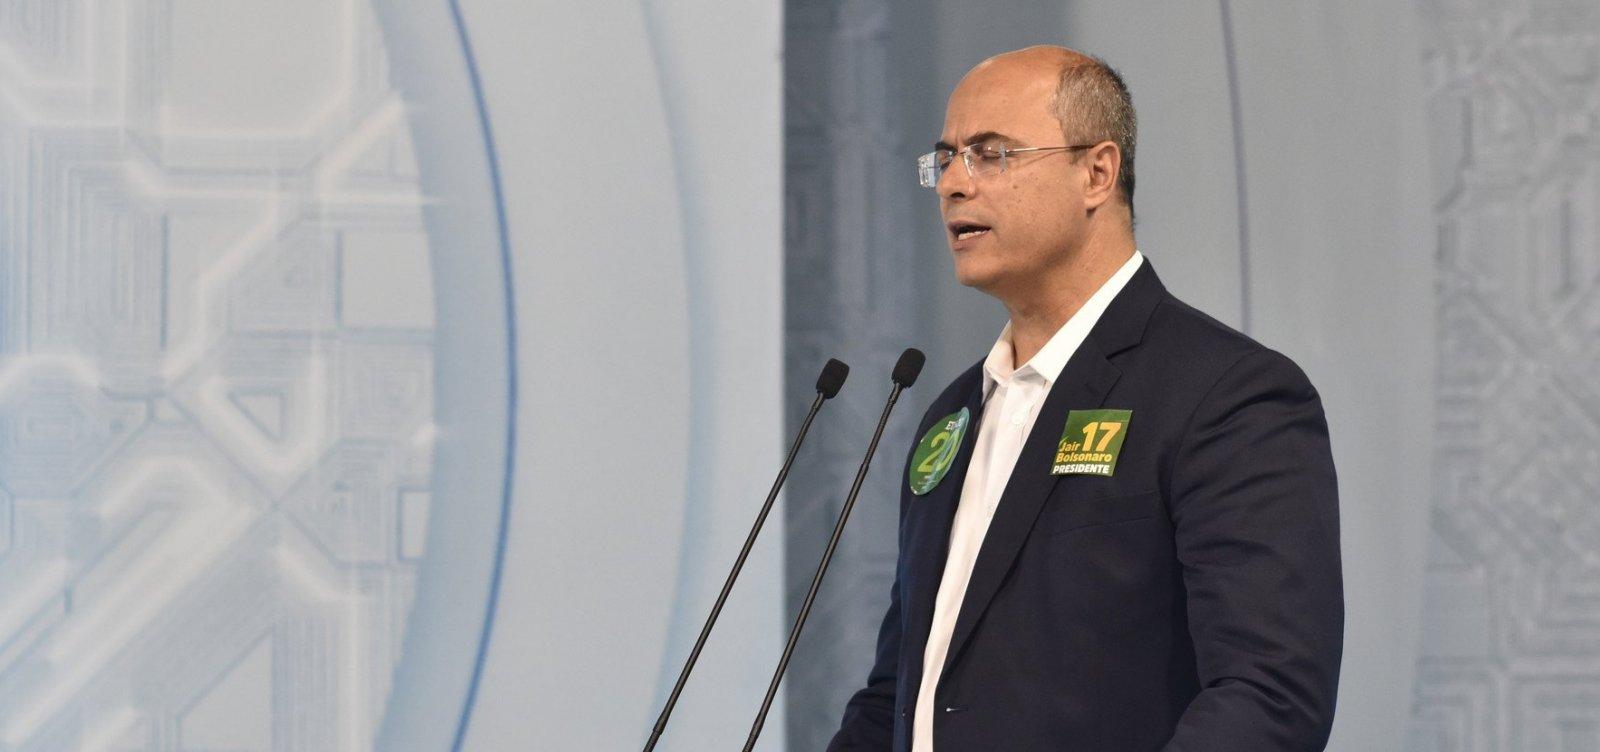 Governador eleito do Rio quer criar um 'disque corrupção'